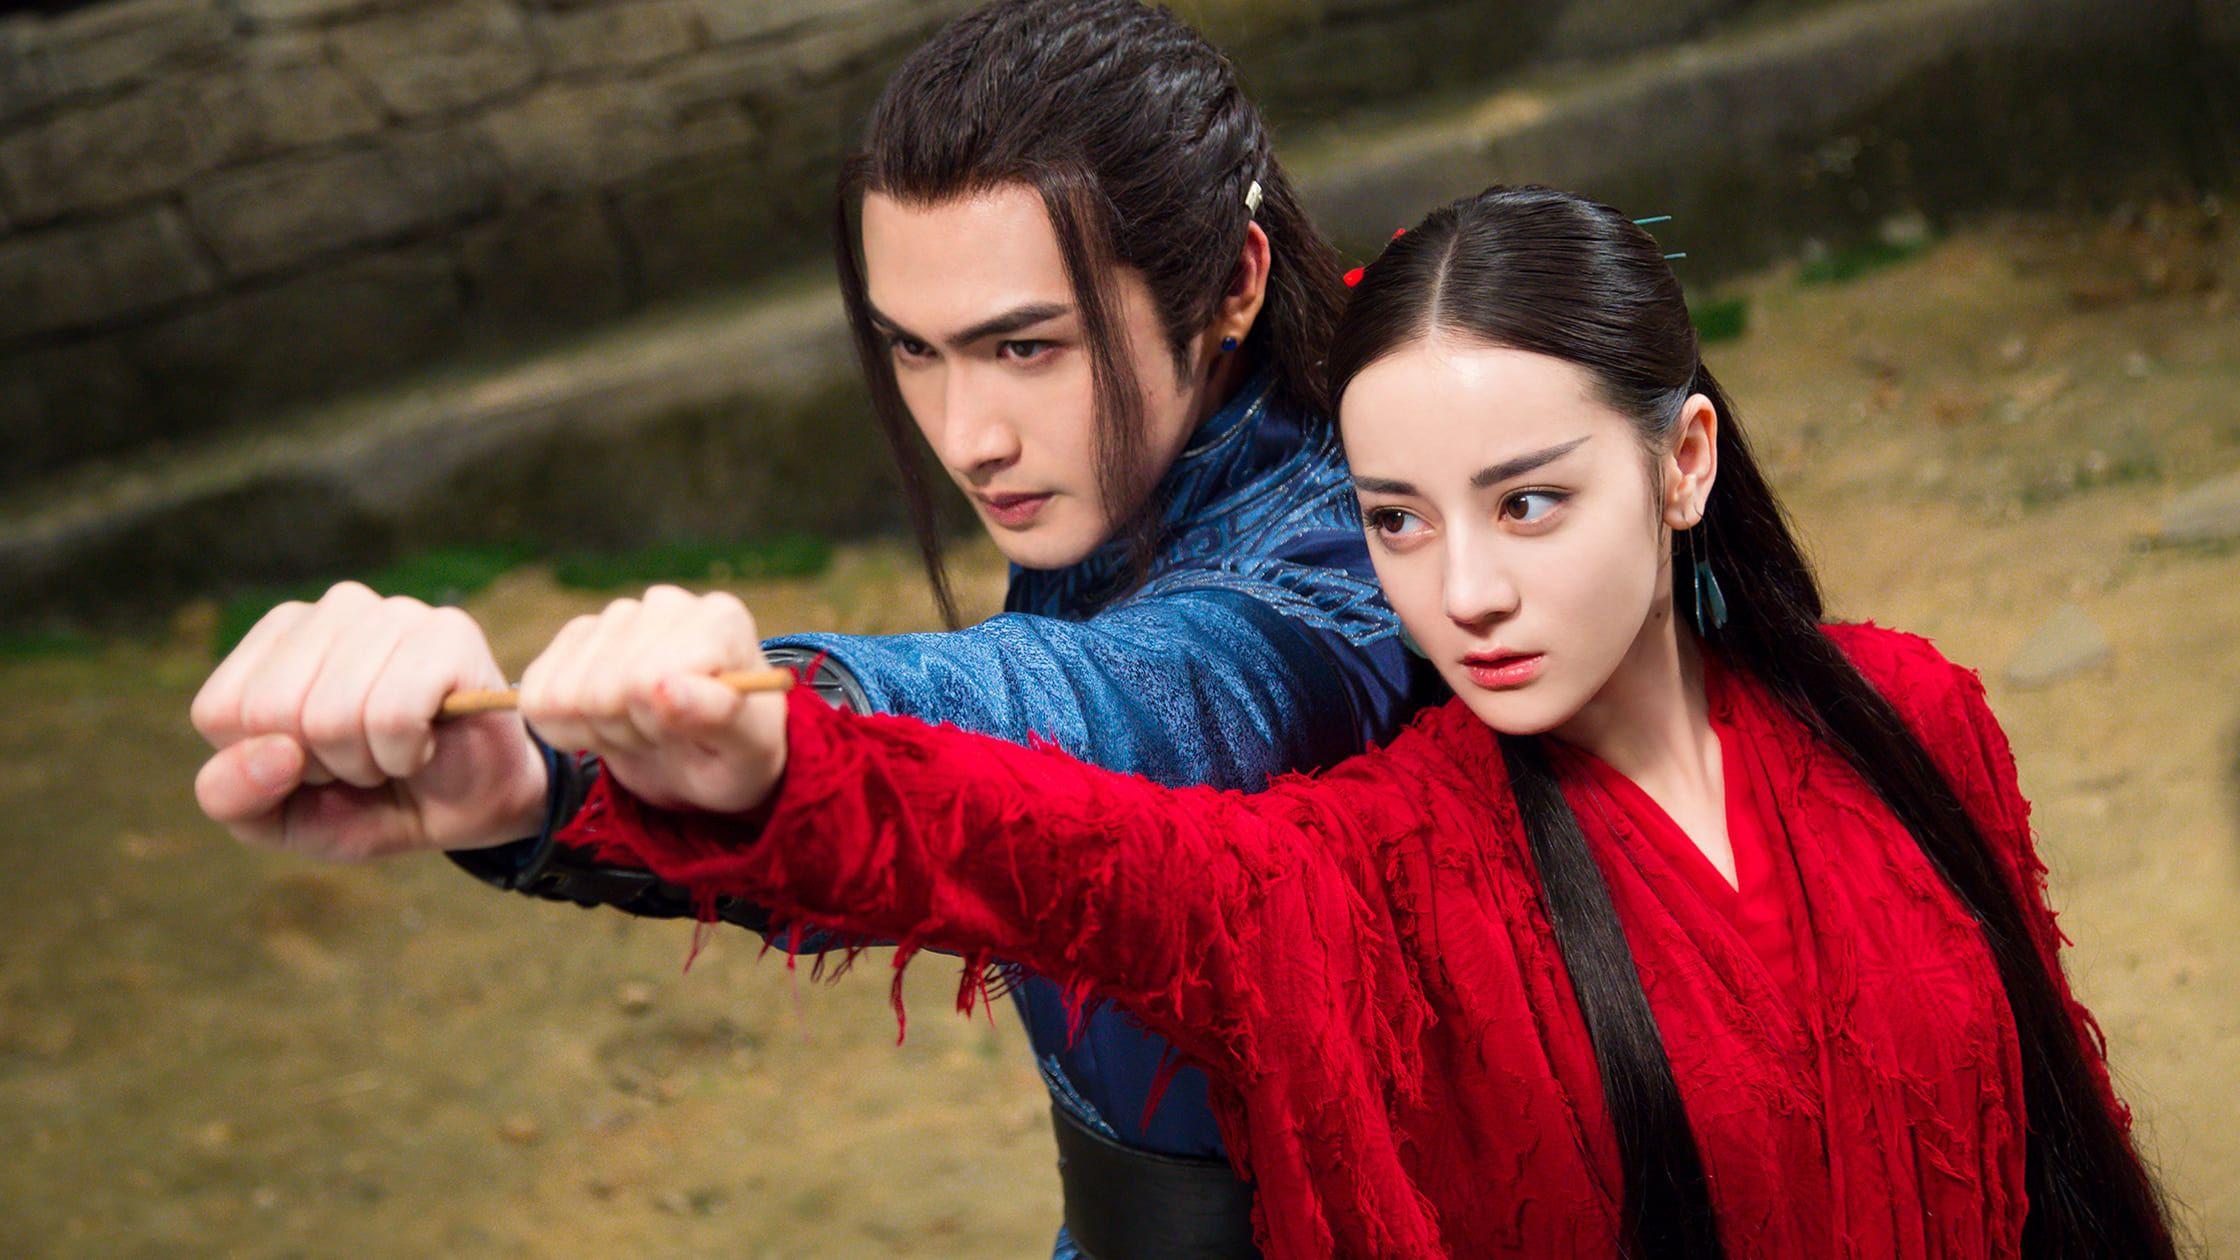 Những nam chính bị vai phụ 'cướp spotlight': Người tình của Triệu Lệ Dĩnh cũng không thảm bằng Bi Rain 4